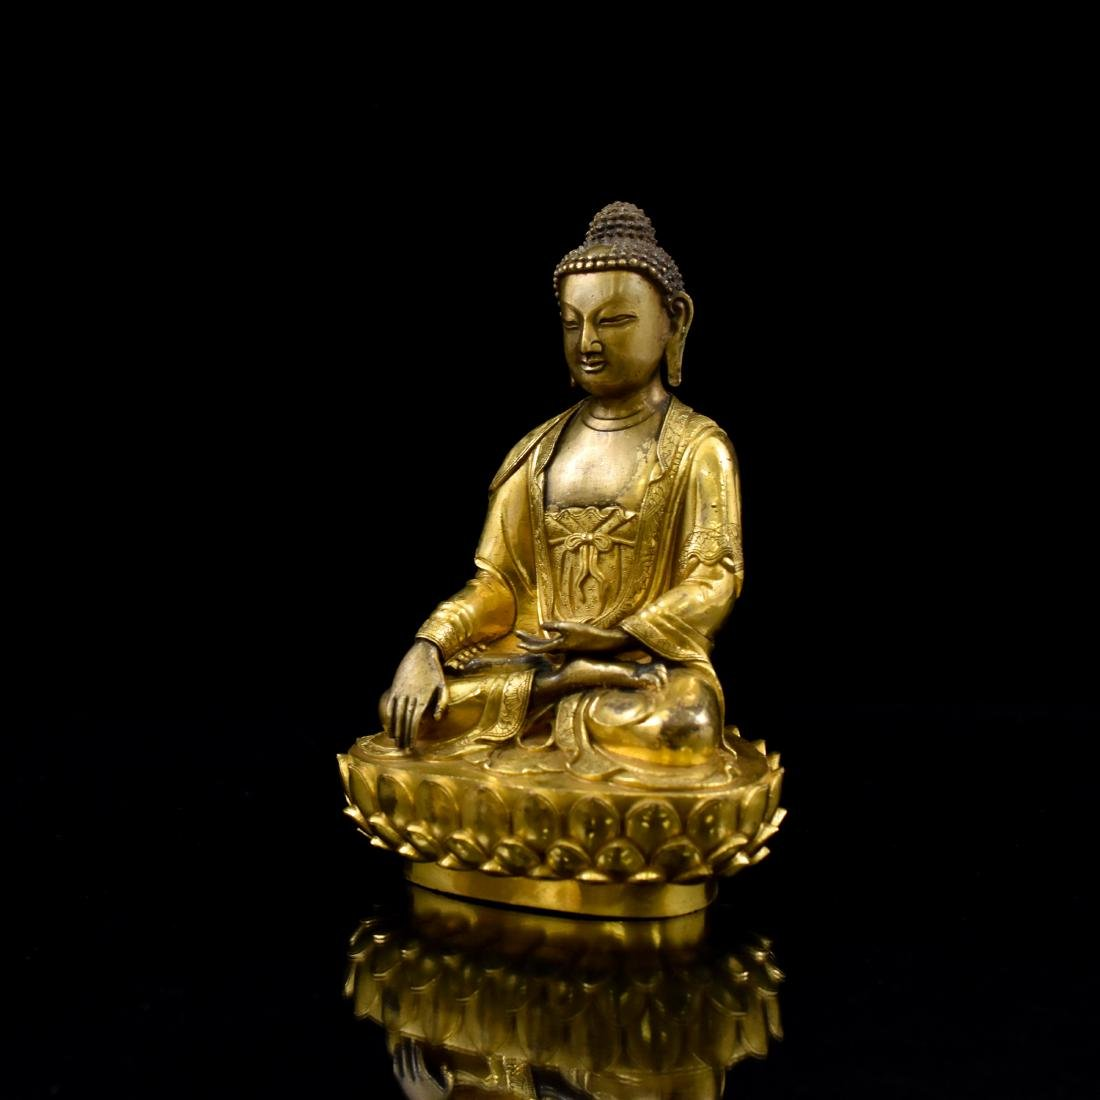 MING GILT BRONZE BUDDHA FIGURE OF SHAKYAMUNI BUDDHA - 5